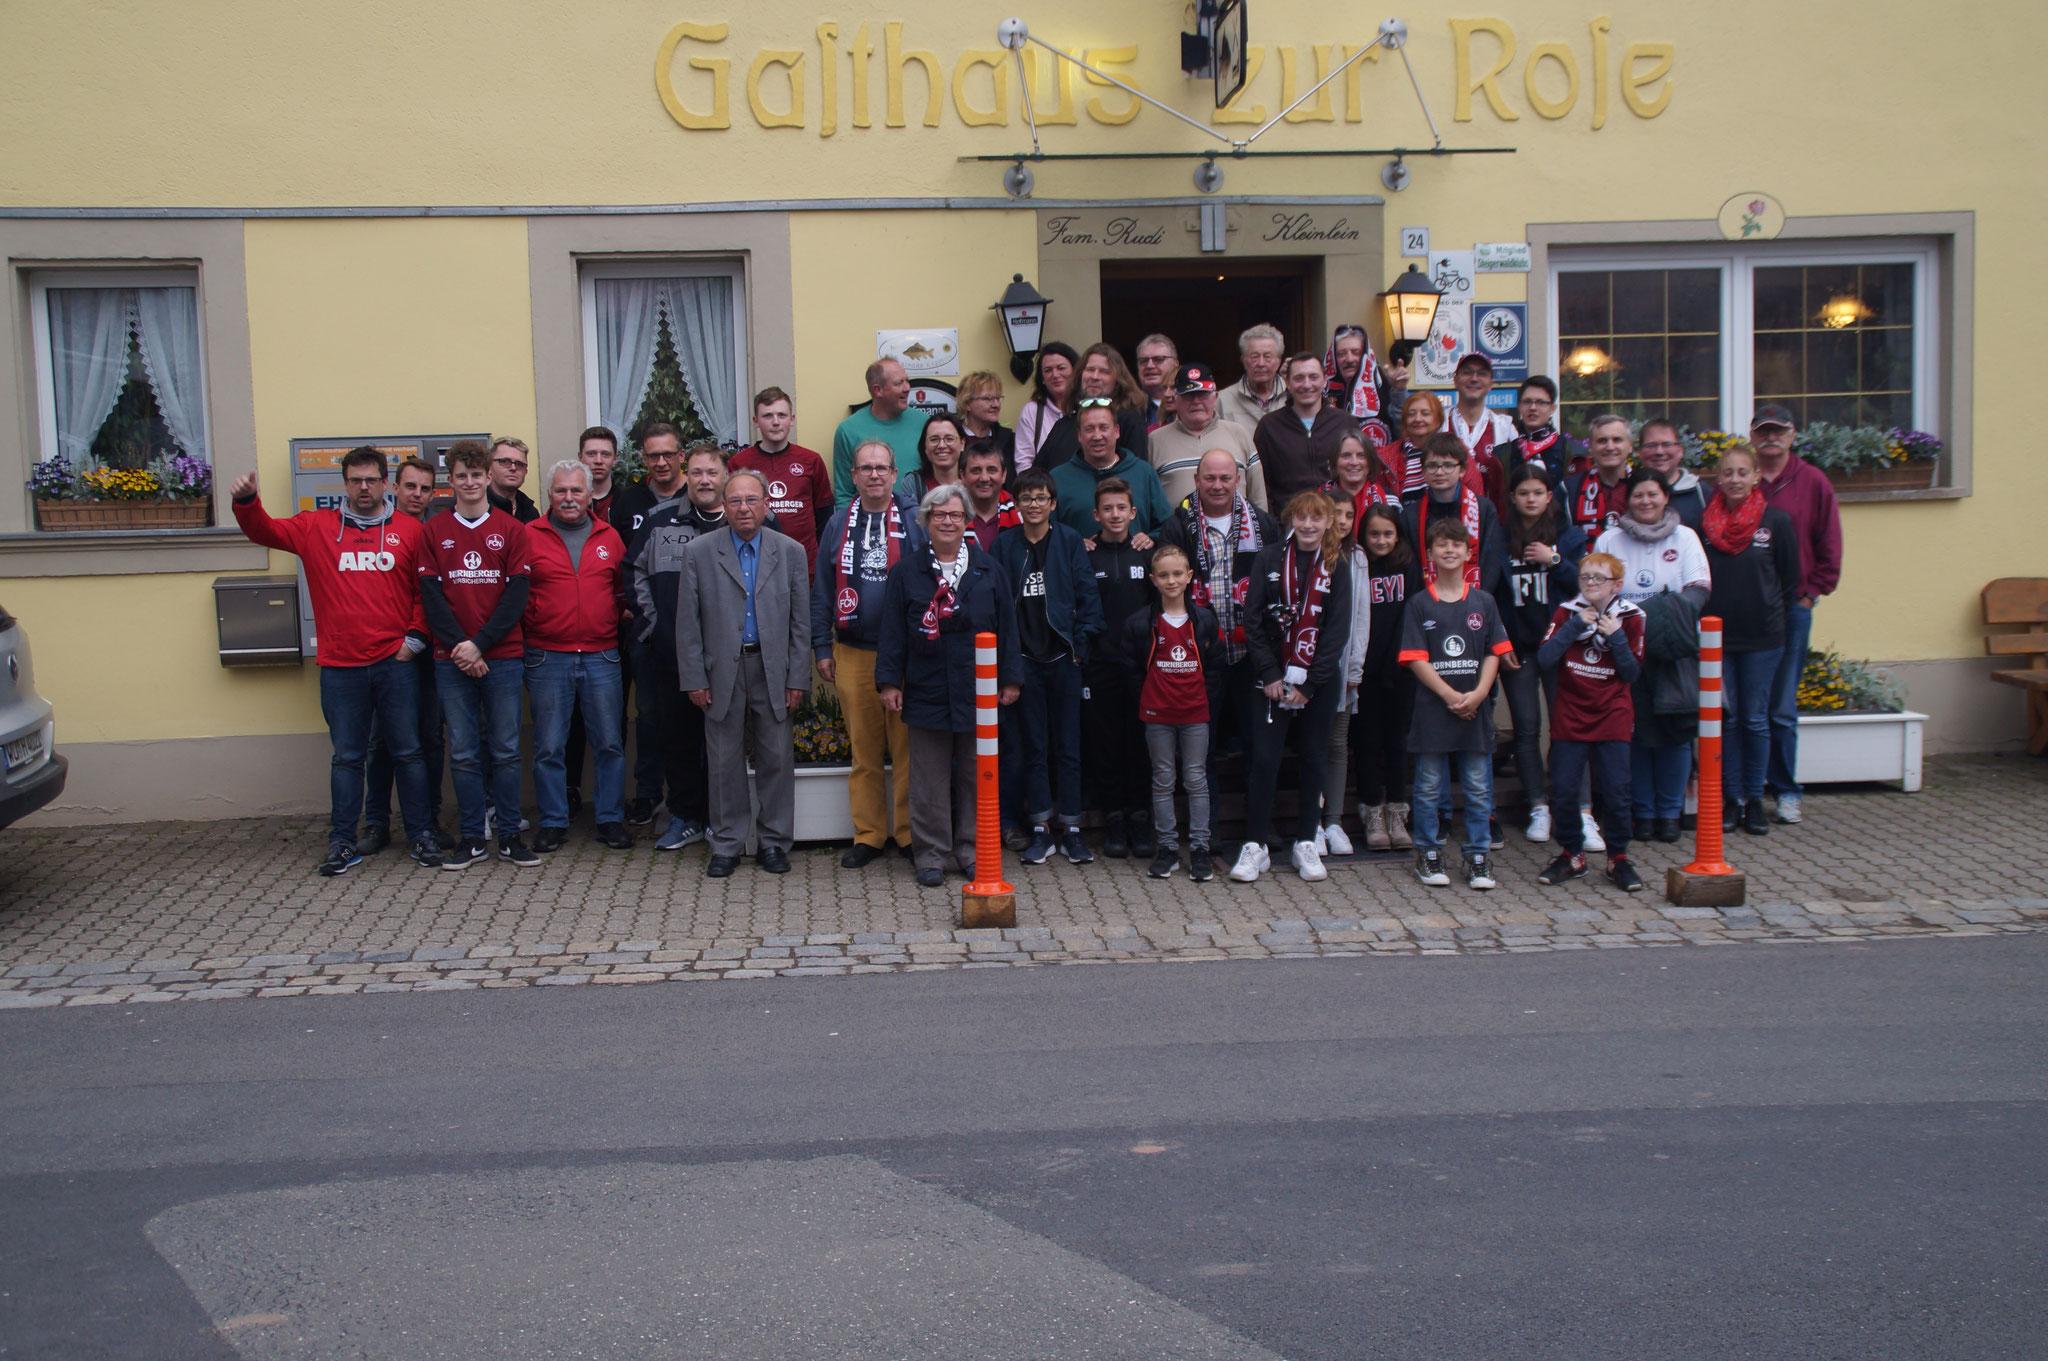 Busfahrt zum letzten Bundesligaspiel 2018/19  FCN - Gladbach Endstand: 0:4